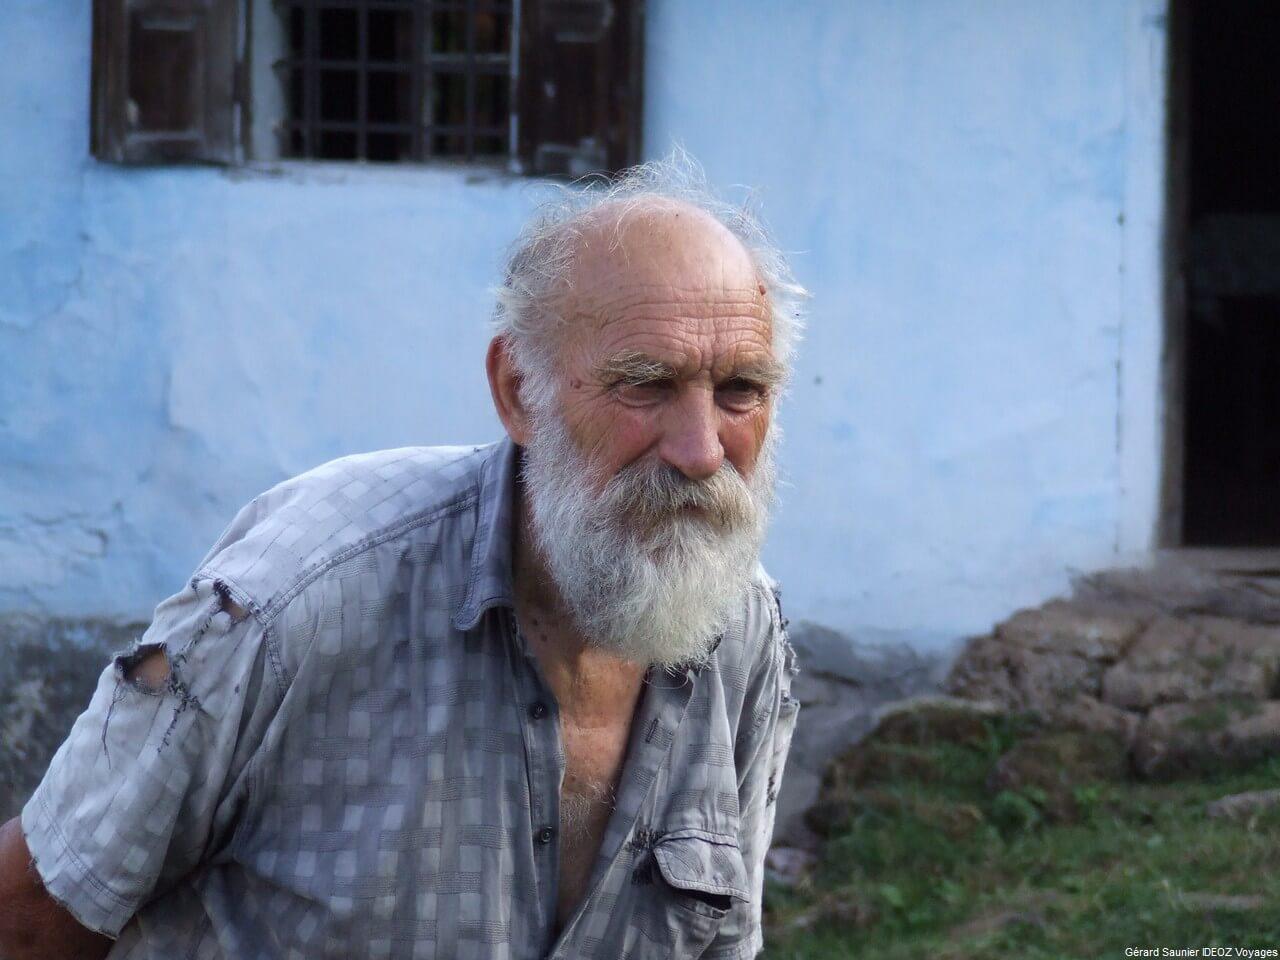 Rencontre inoubliable à Arilje en Serbie centrale : merveilleux souvenir 7